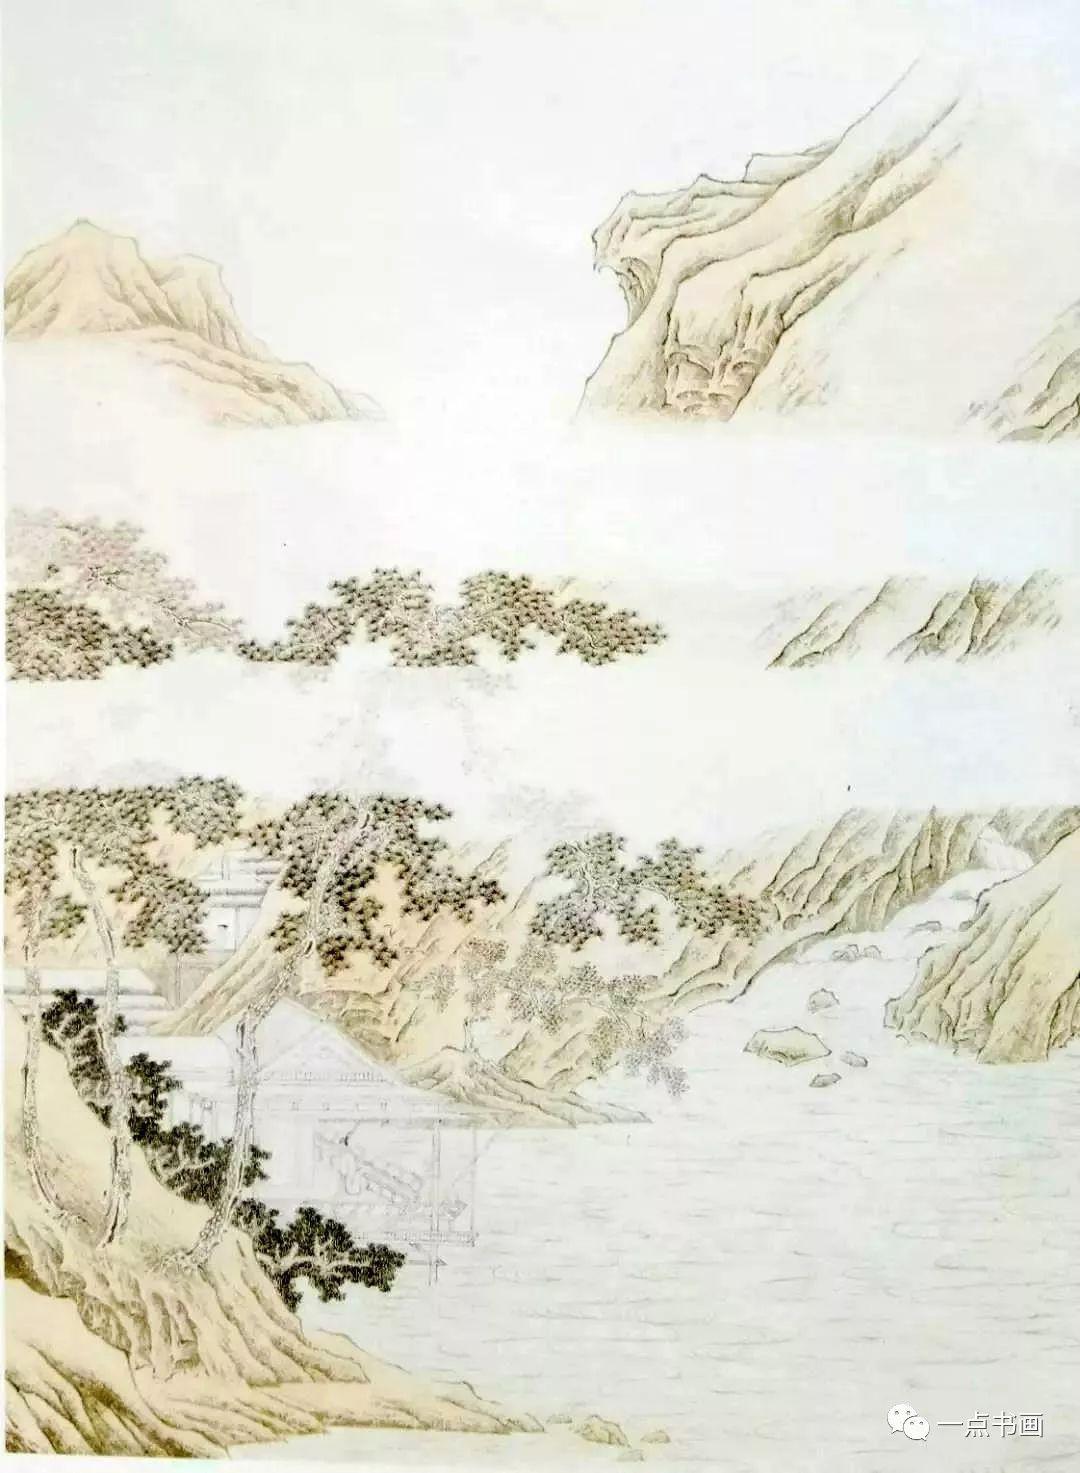 山水画《临泉观岚》步骤示范